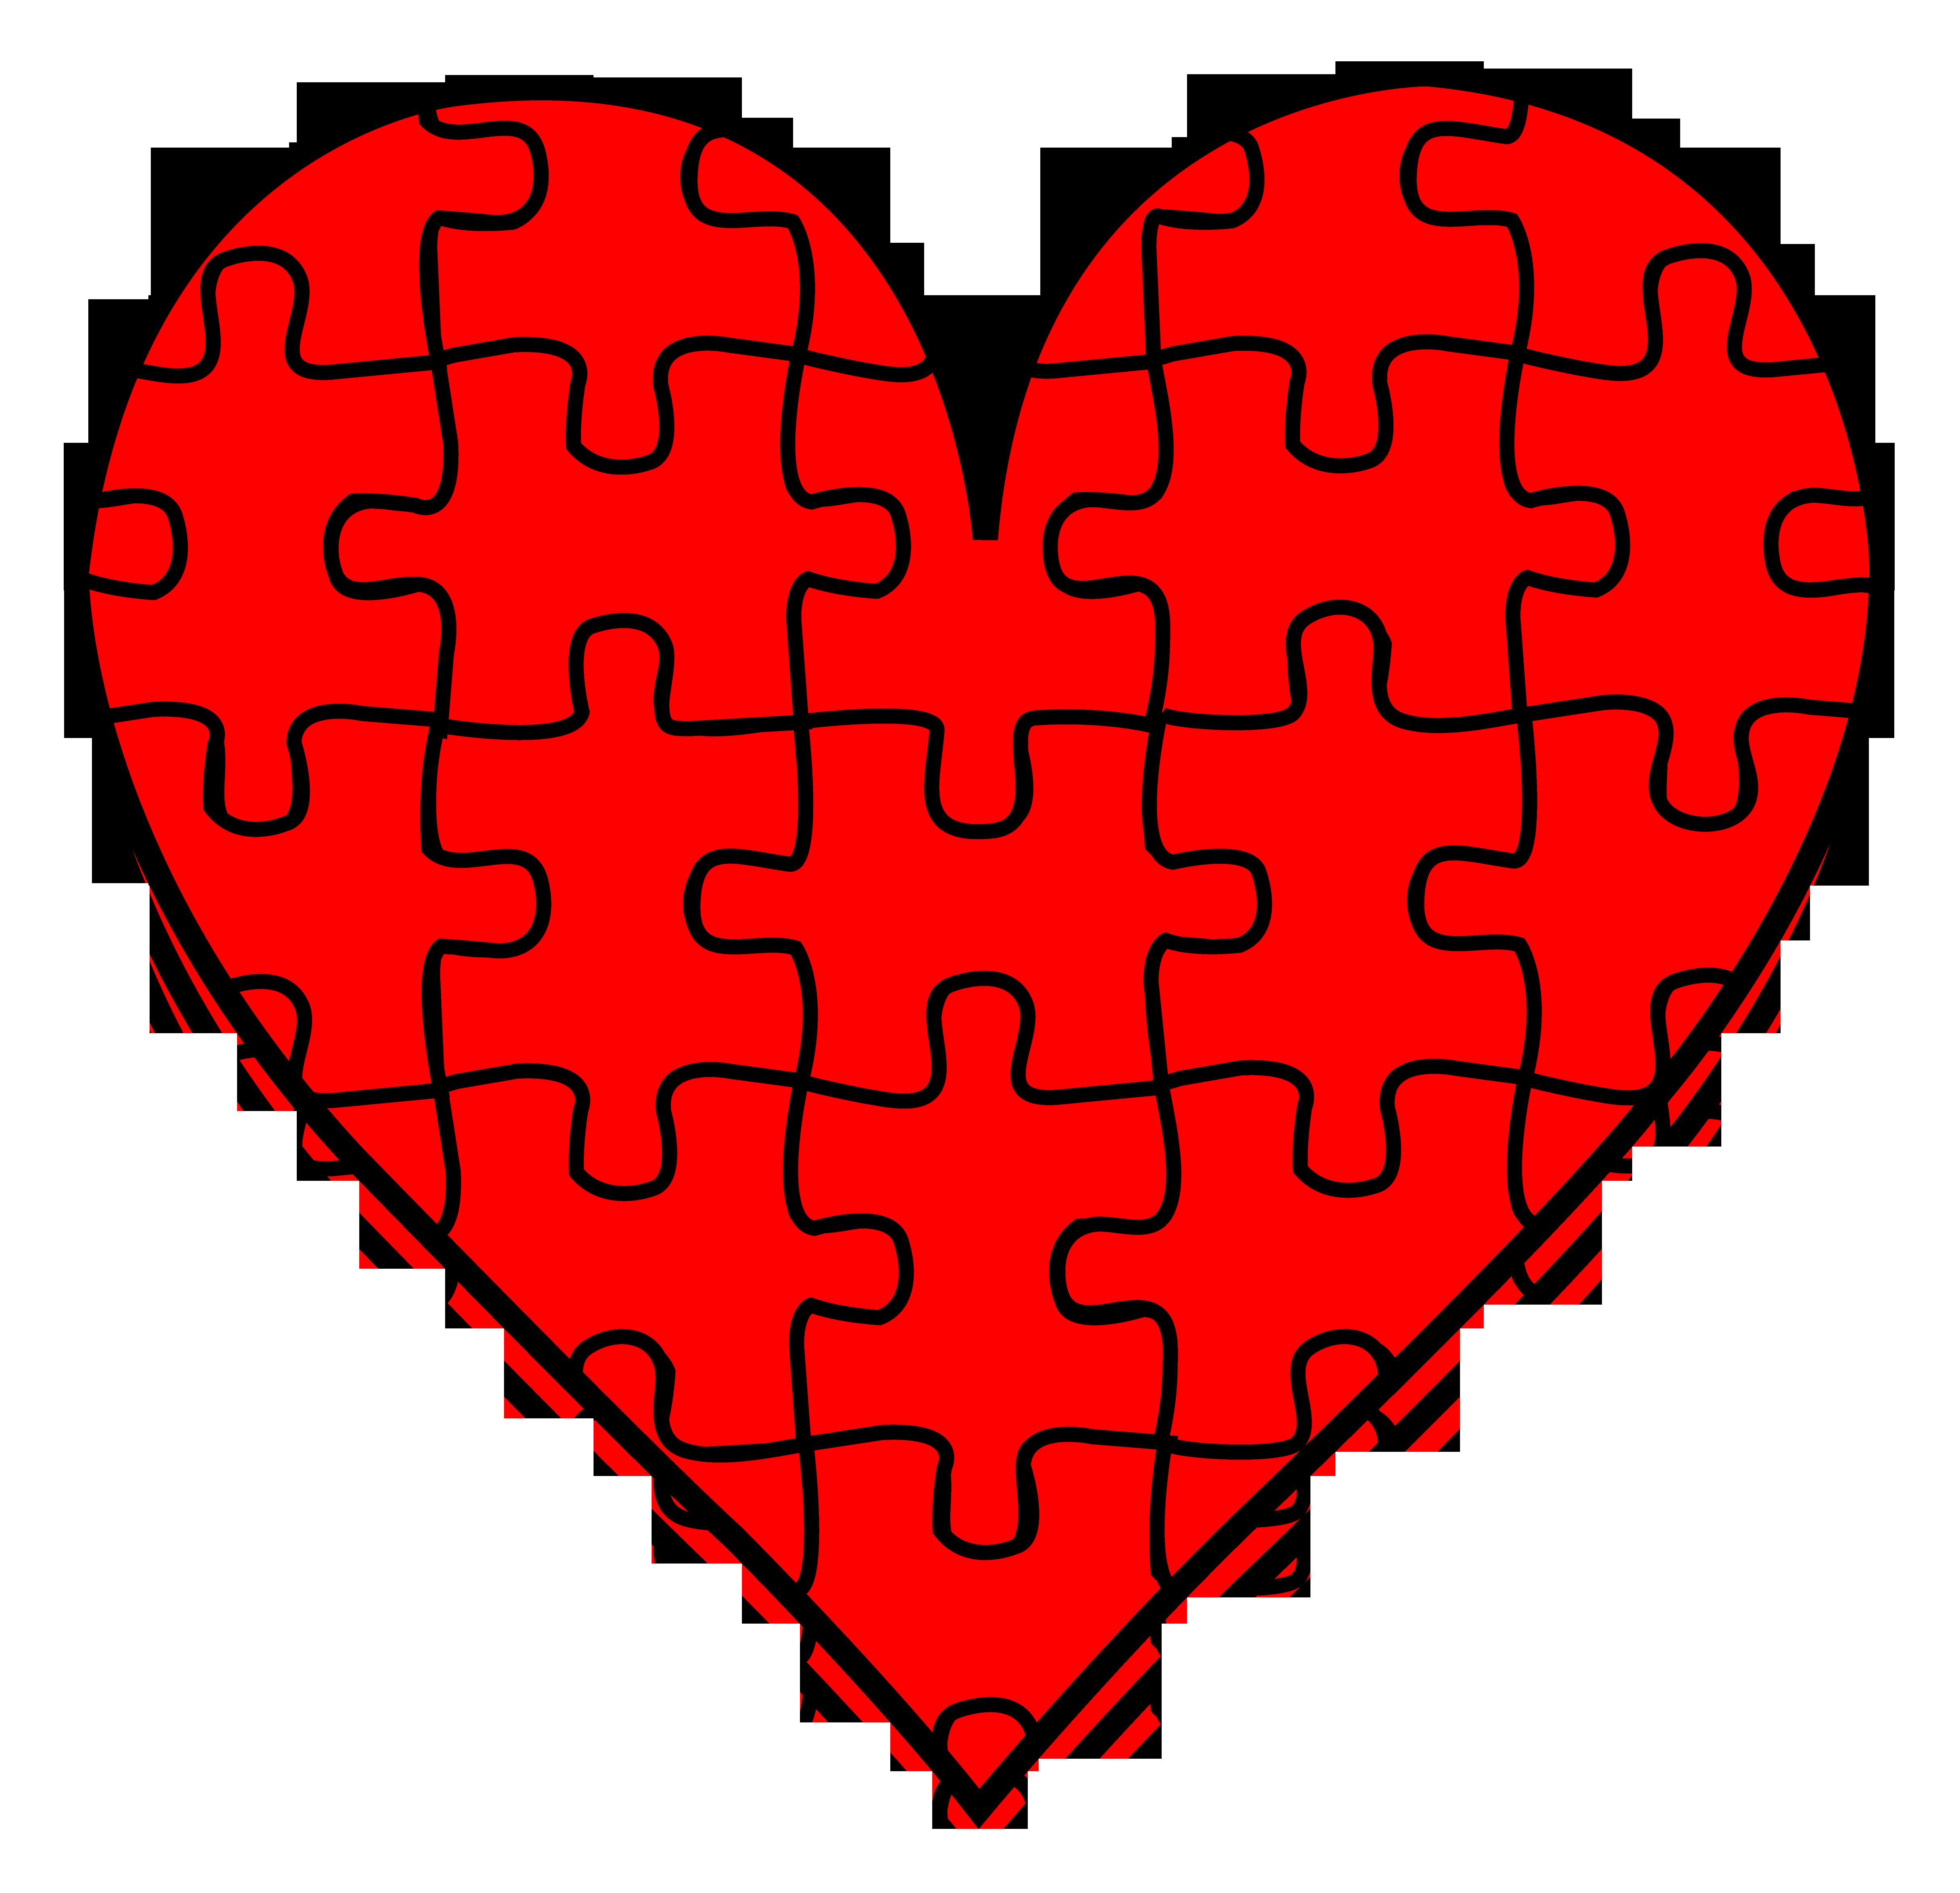 Heart Puzzle Piece Clip Art